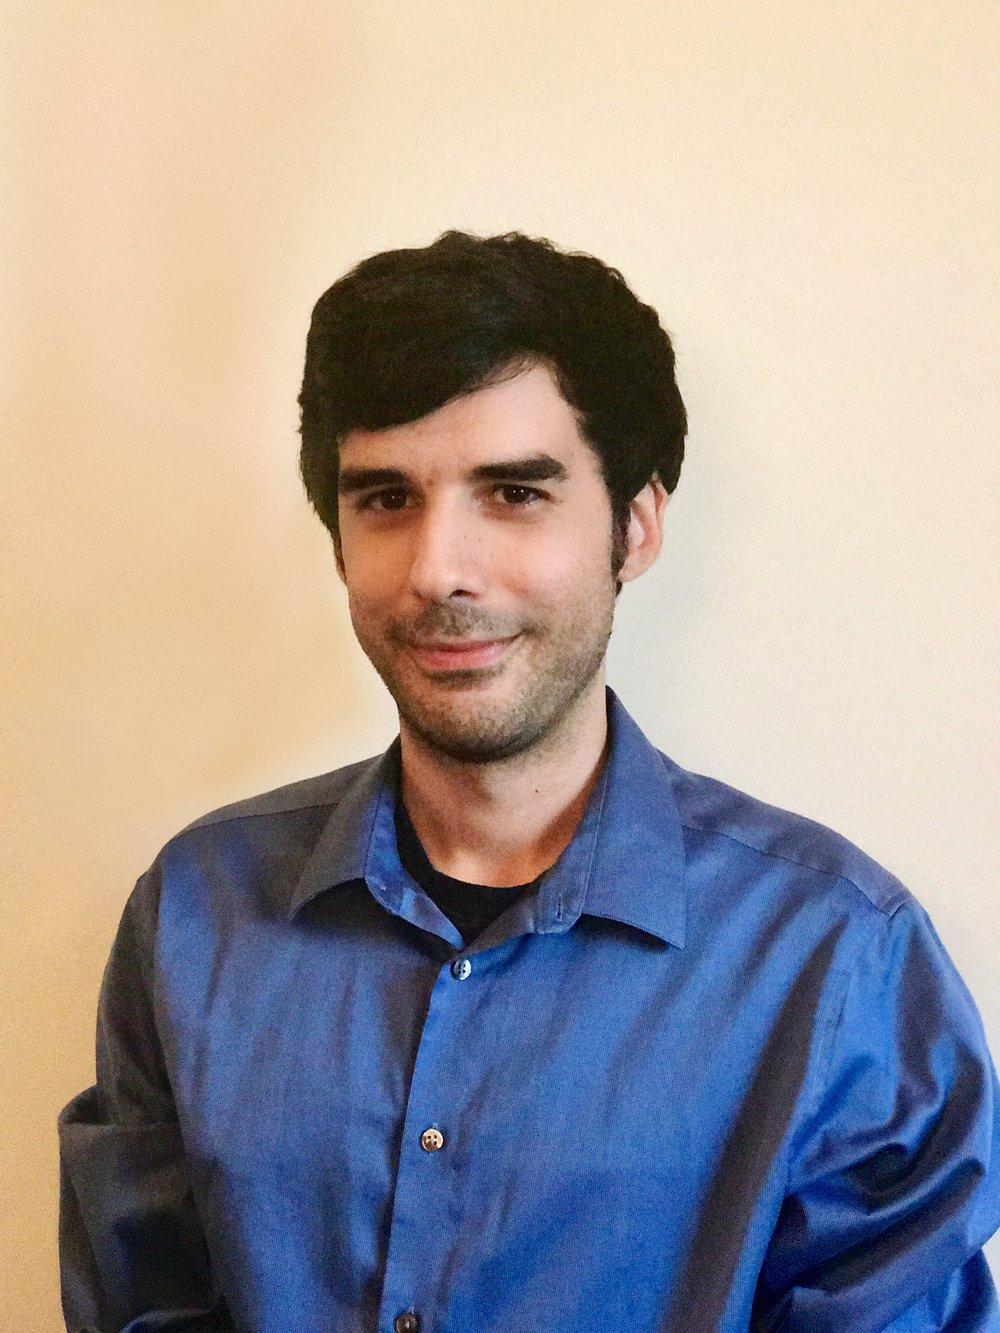 Amir Khan, Engagement Director